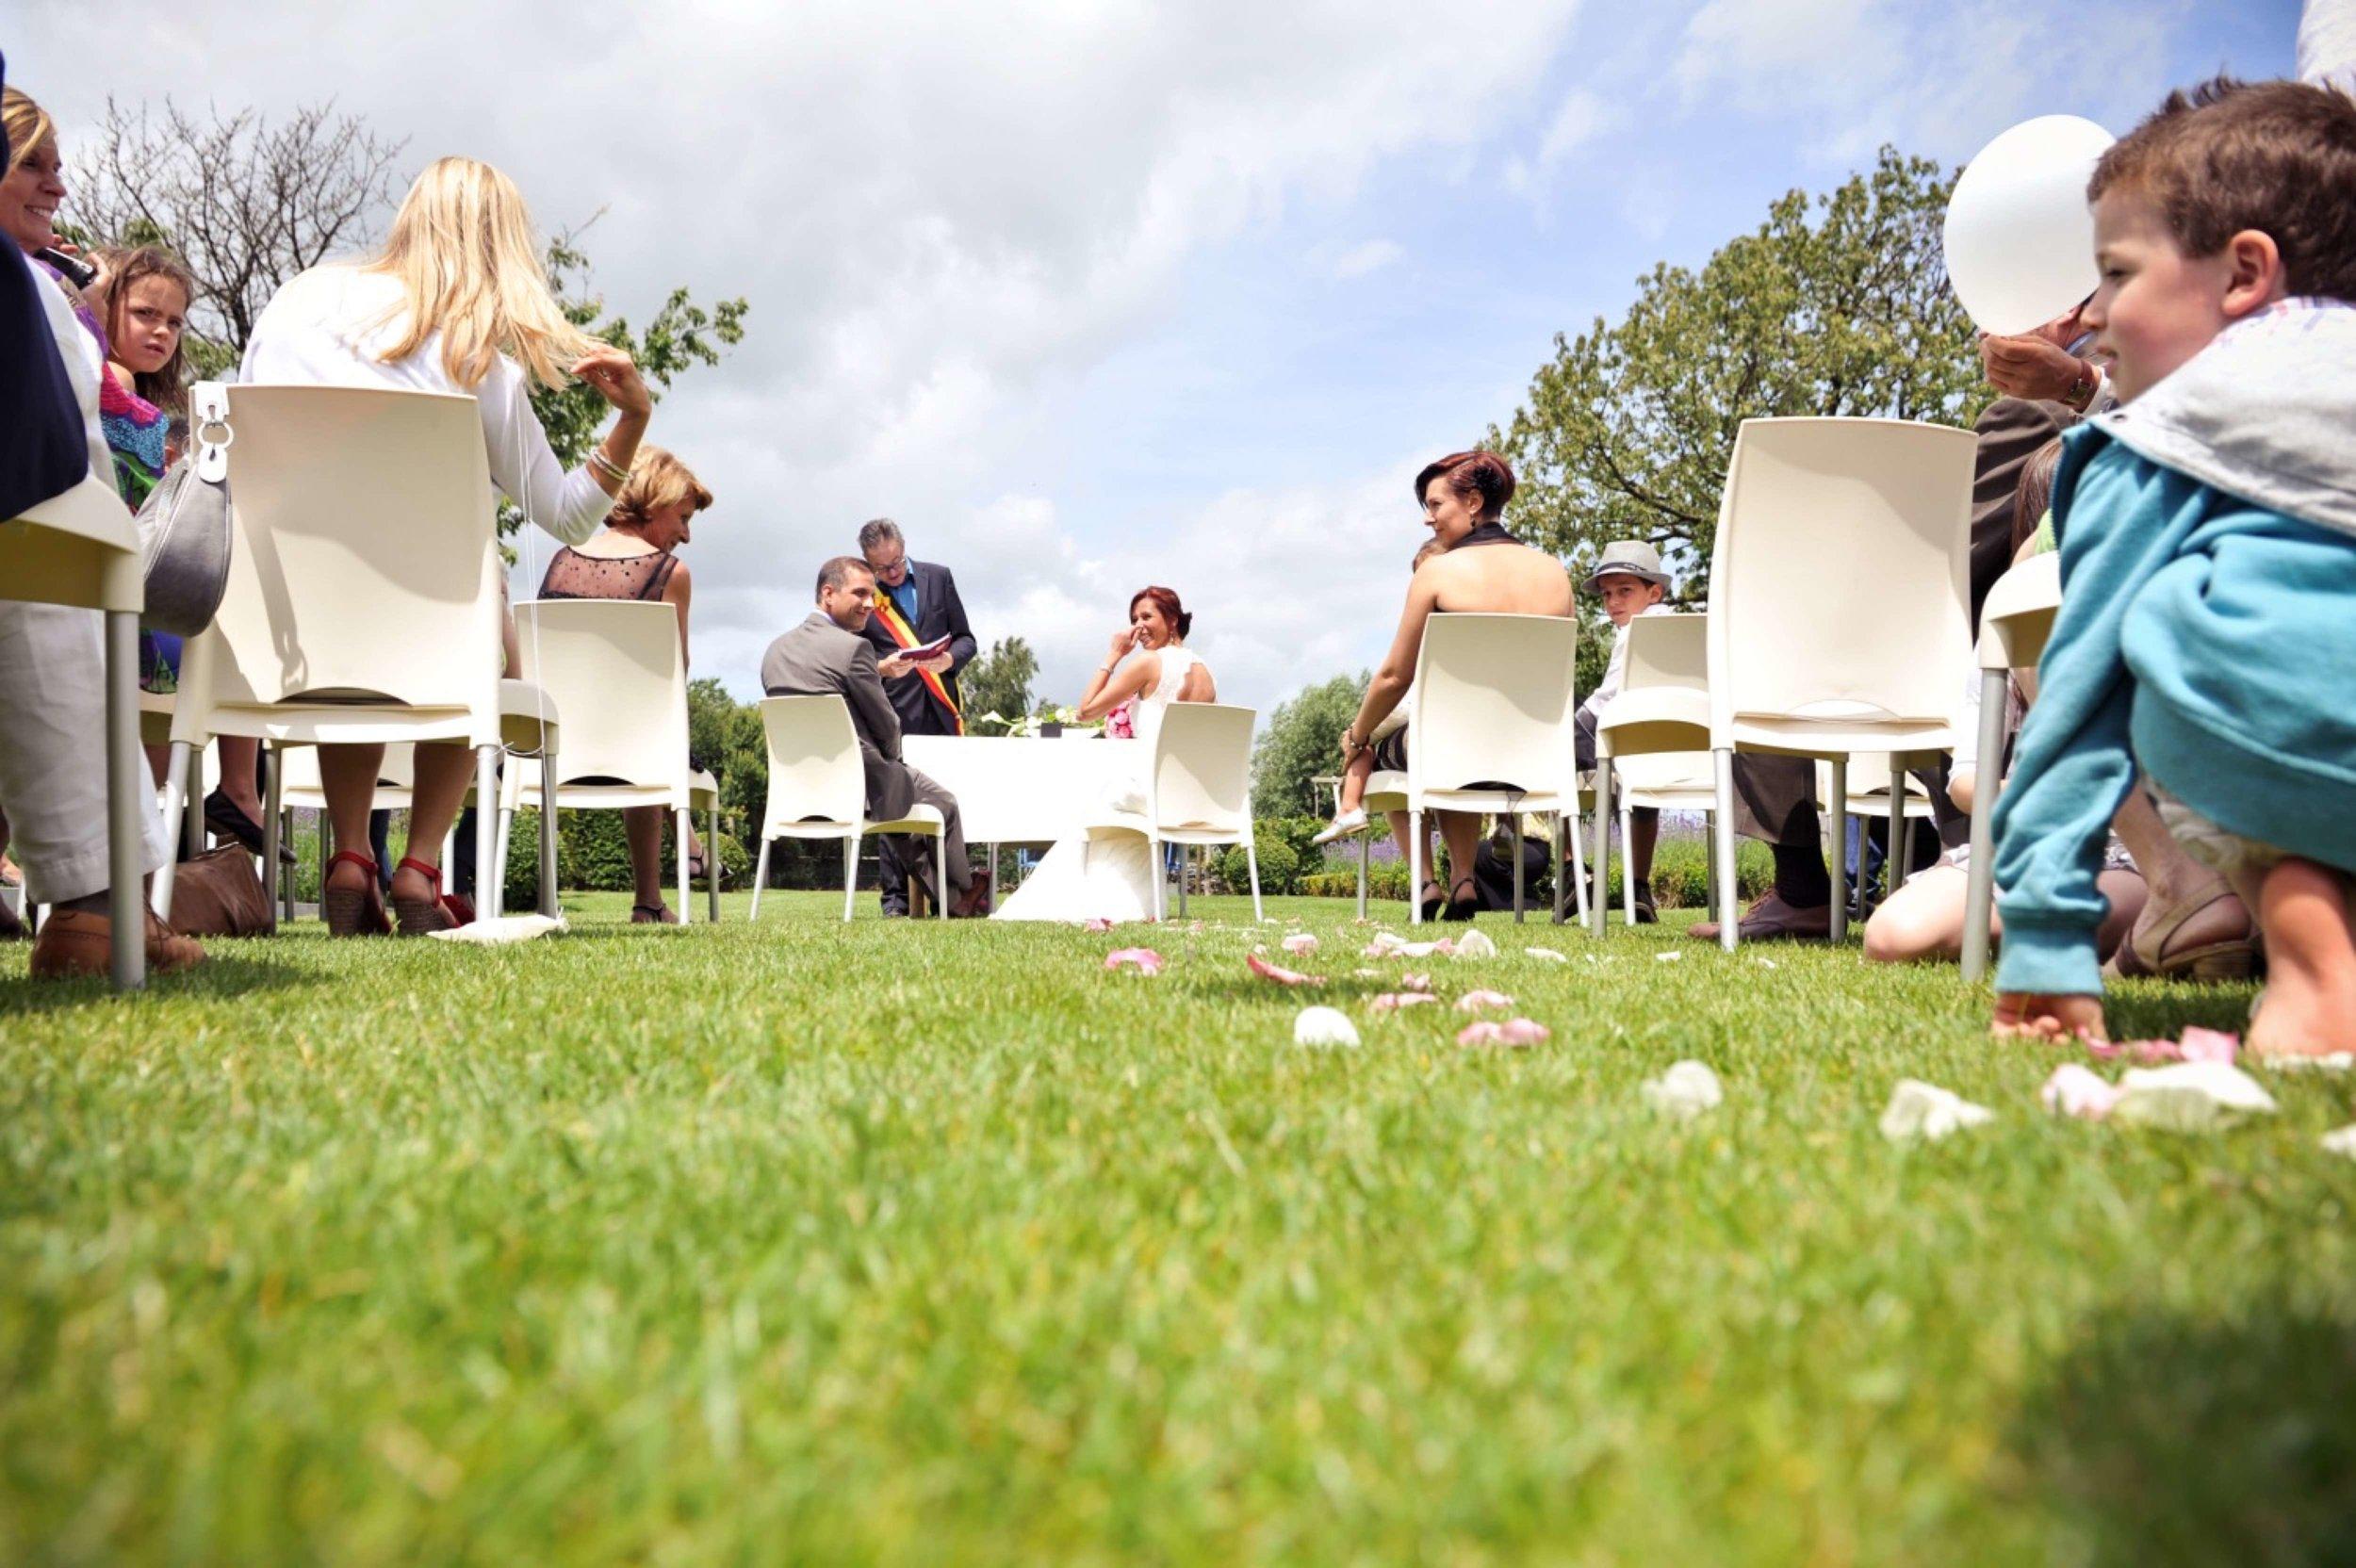 Bart Albrecht fotograaf photographer belgium belgie anbtwerpen antwerp wedding huwelijk huwelijksfotograaf trouwfotograaf trouw bruid bruidegom trouwkleed ceremonie weddingdress topphotographer topfotograaf beste best top 10 154.jpg